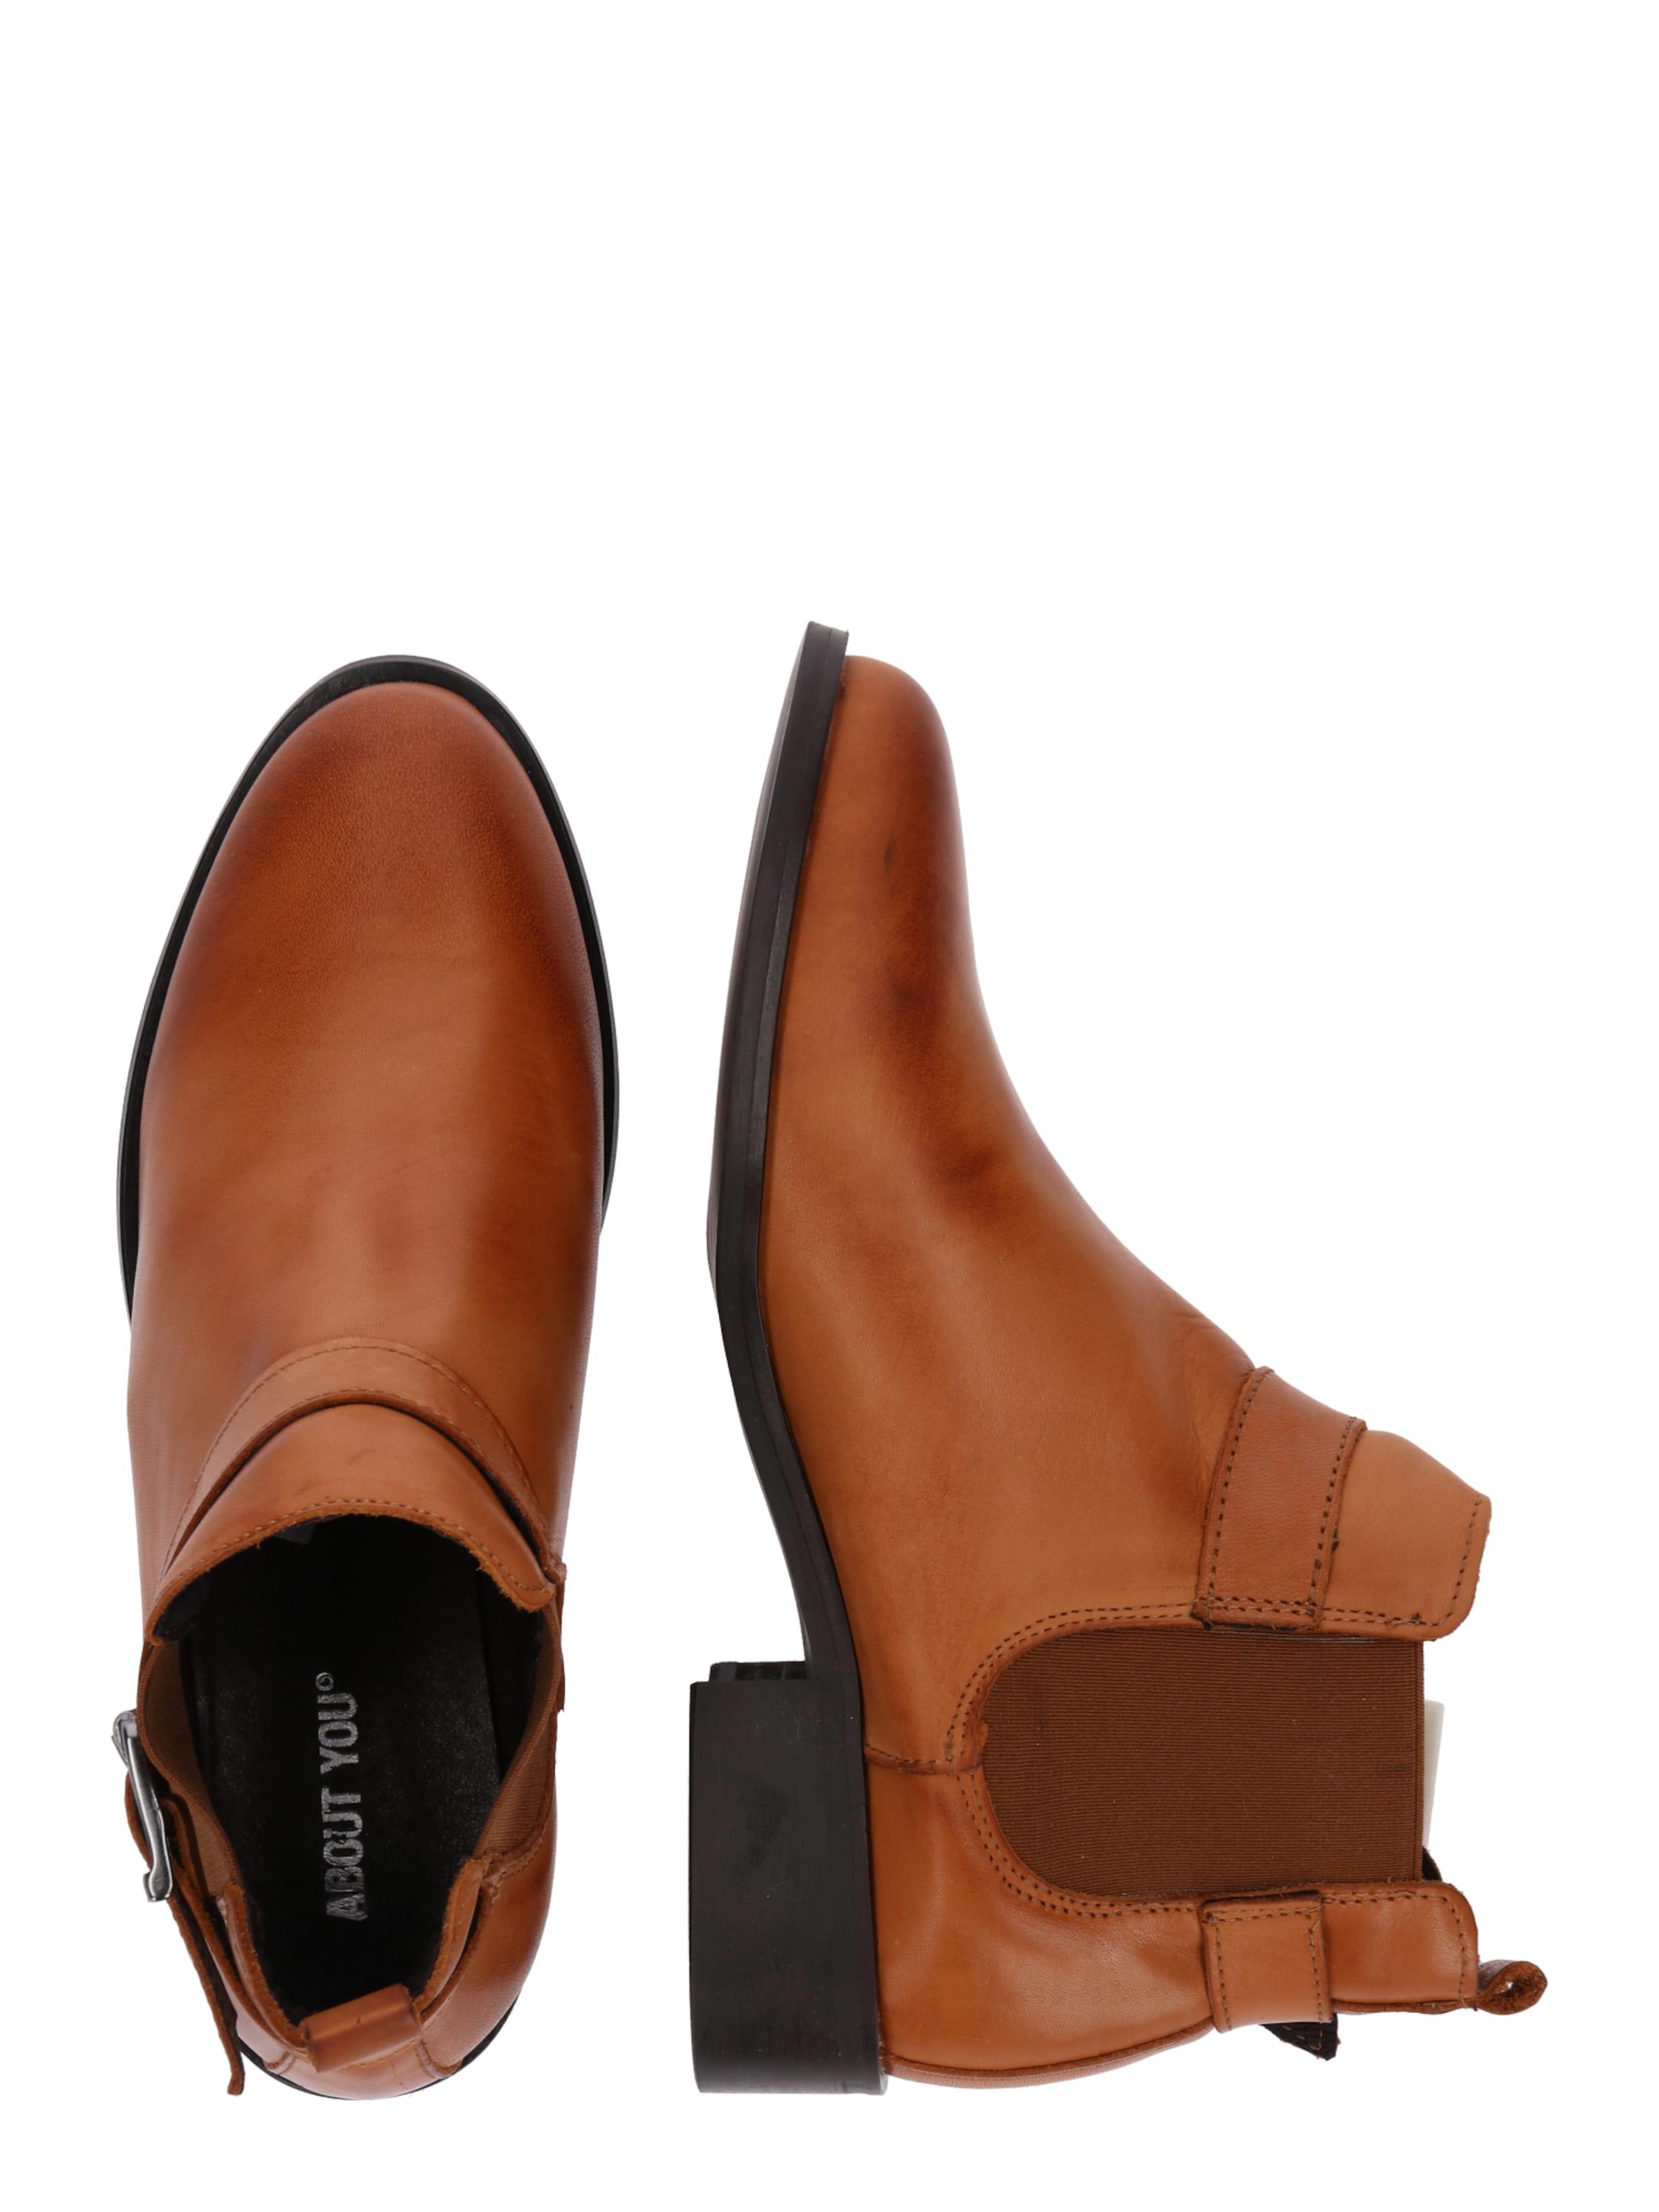 You Chelsea En About Boots Cognac 'pia' c54AjRqL3